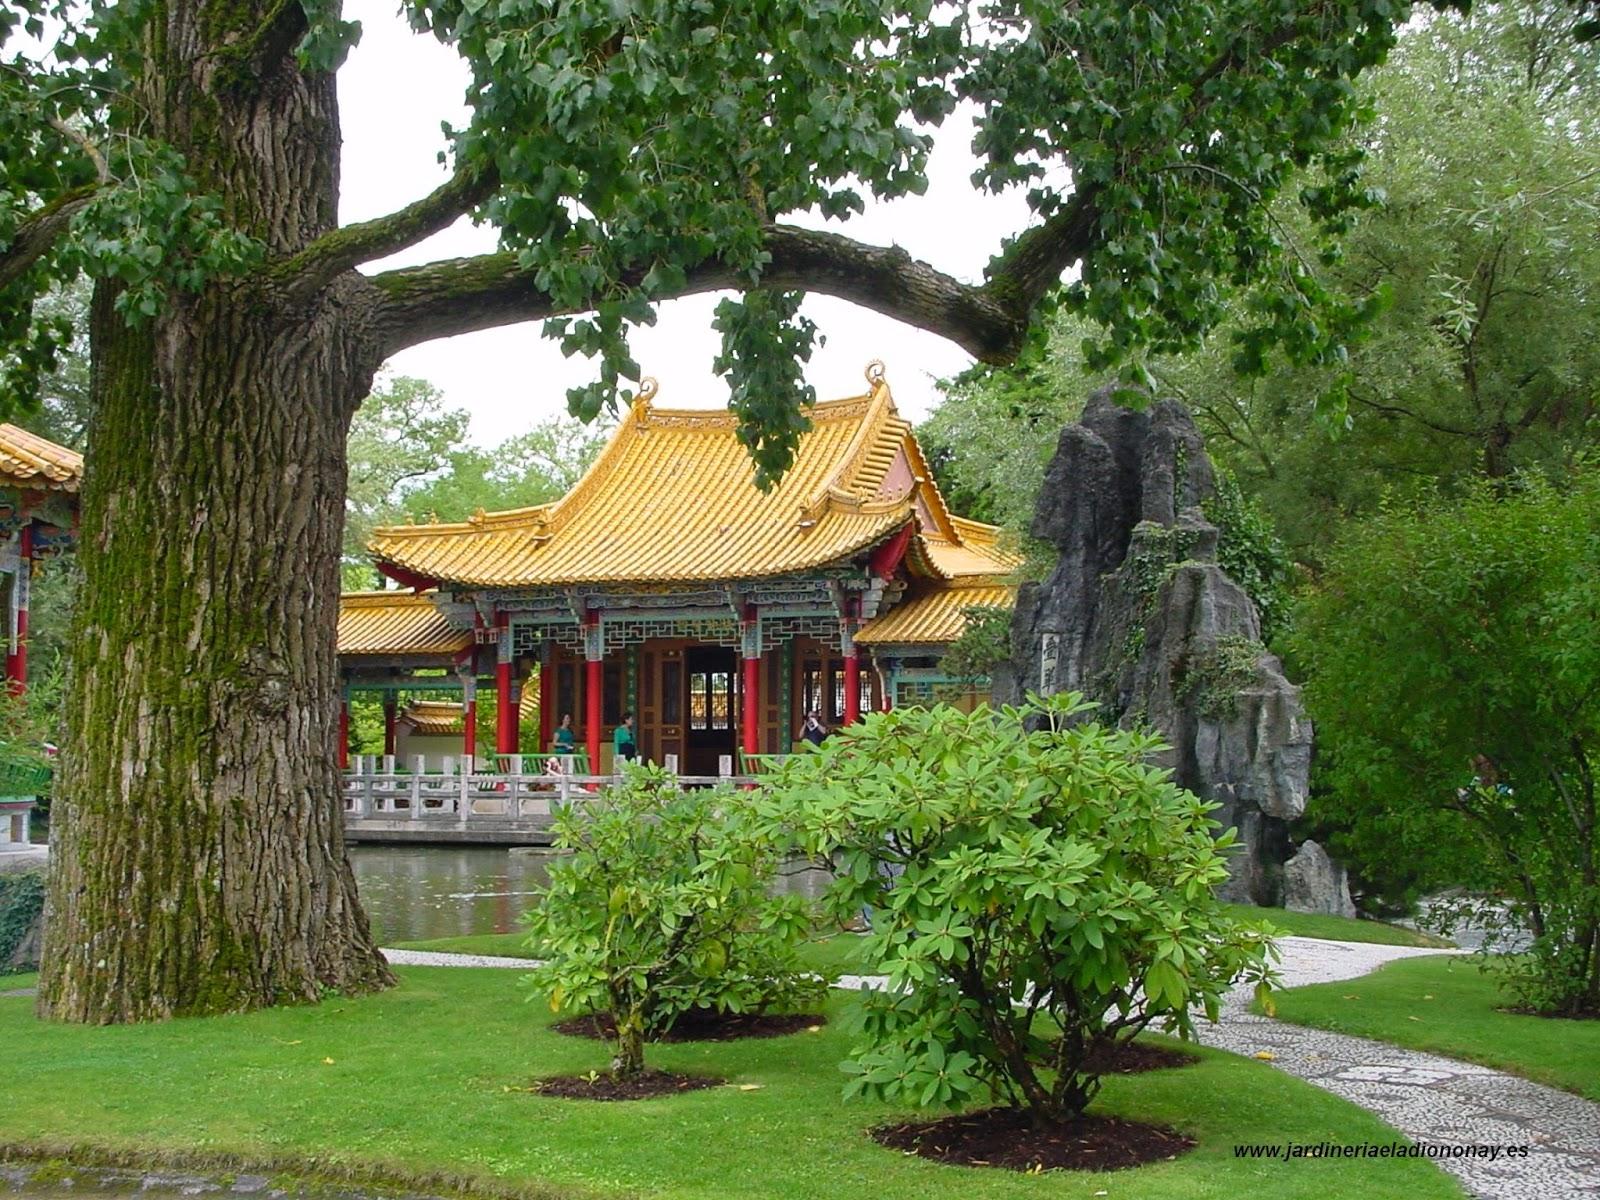 Jardineria eladio nonay jard n chino de z rich for Jardin chino alcantarilla